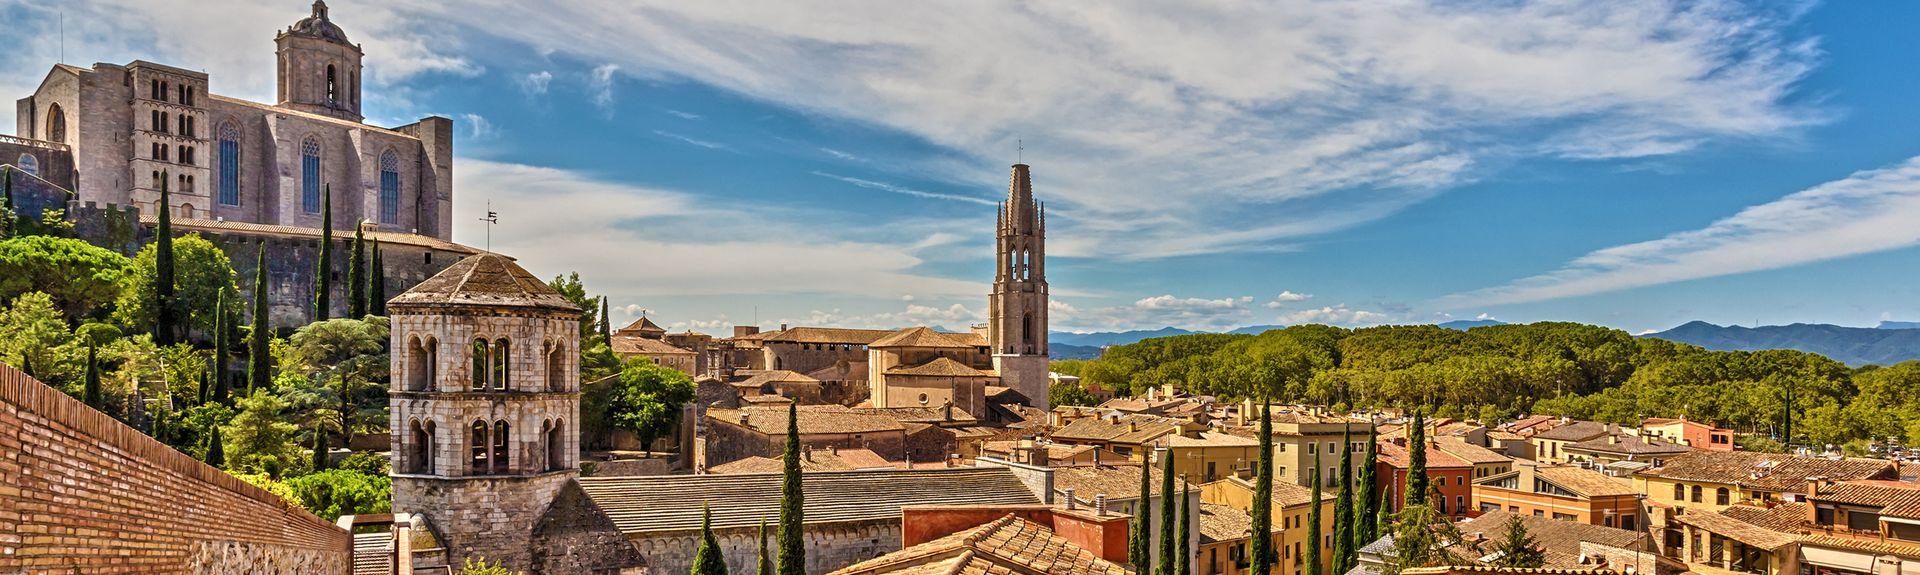 Gérone, Catalogne, Espagne